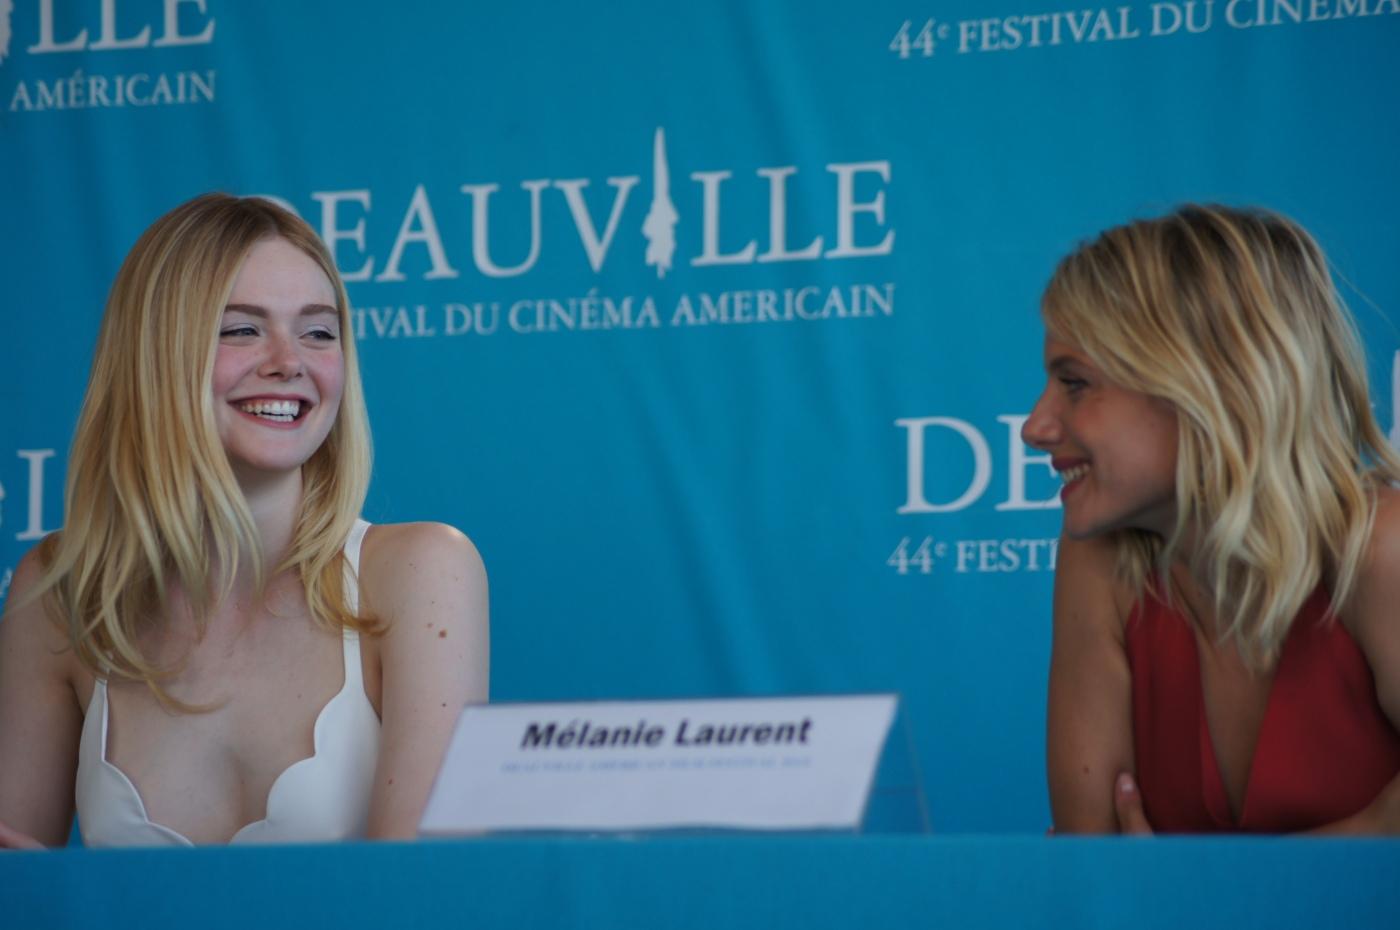 Elle Fanning et Mélanie Laurent ; conférence presse ; festival Deauville 44